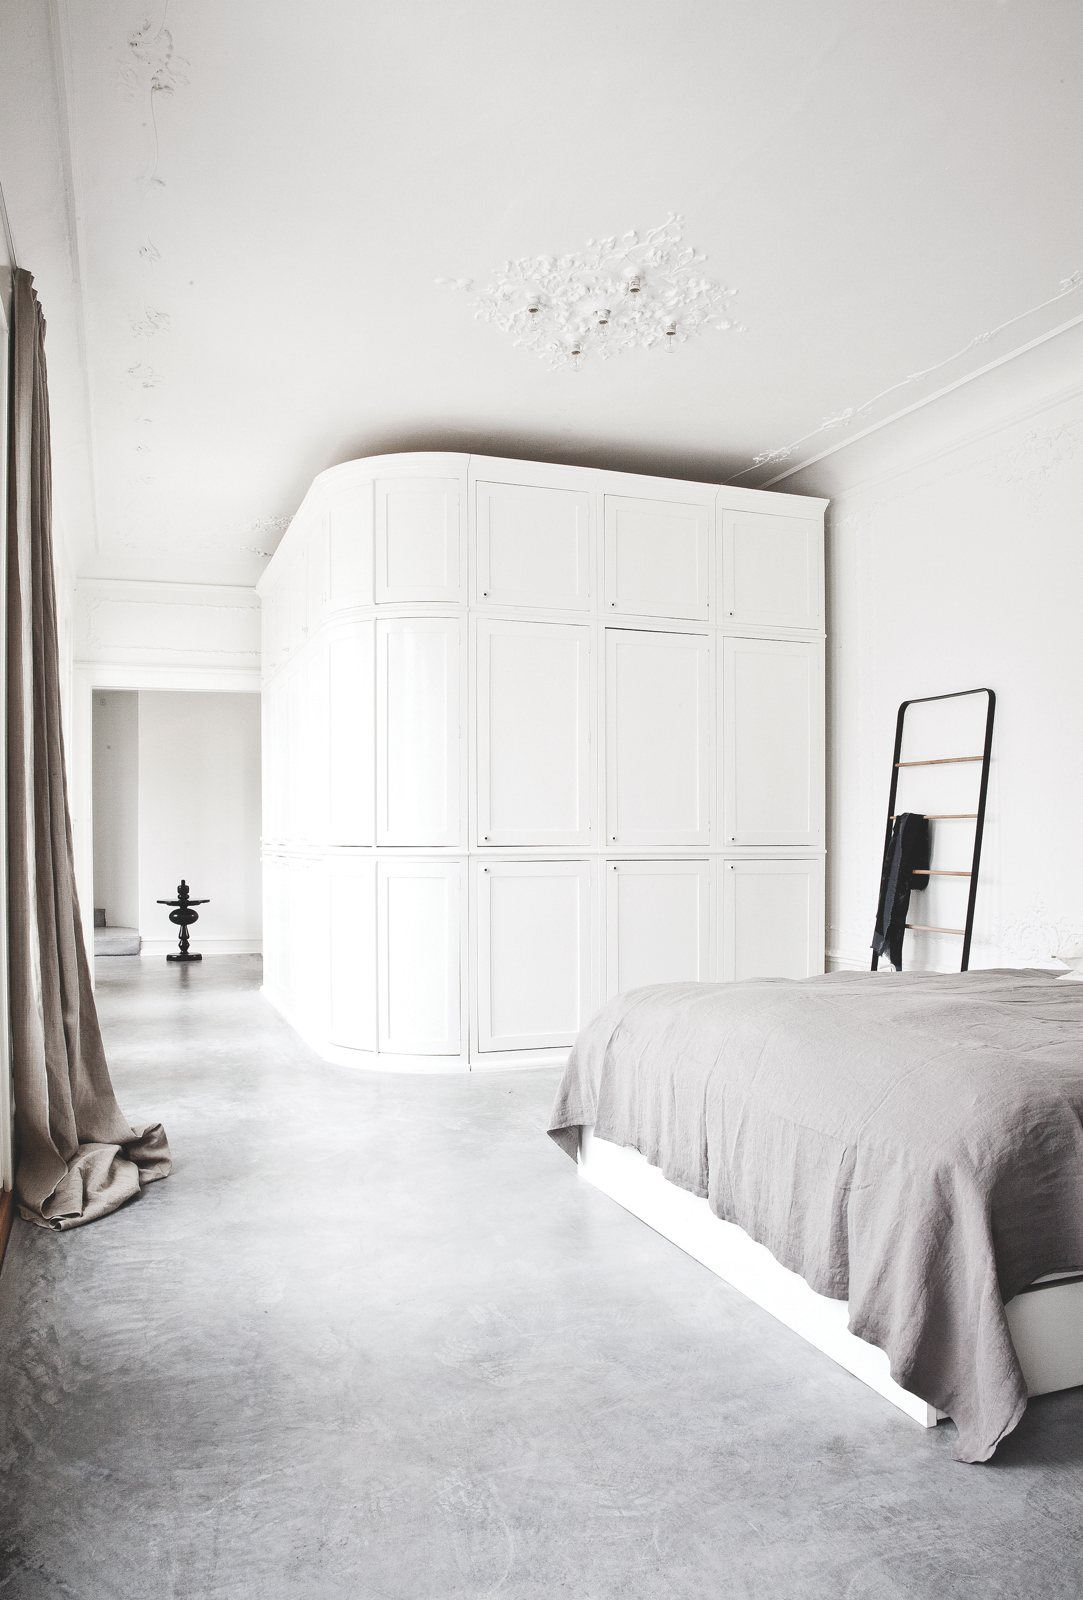 slaapkamer gietvloer ideeën